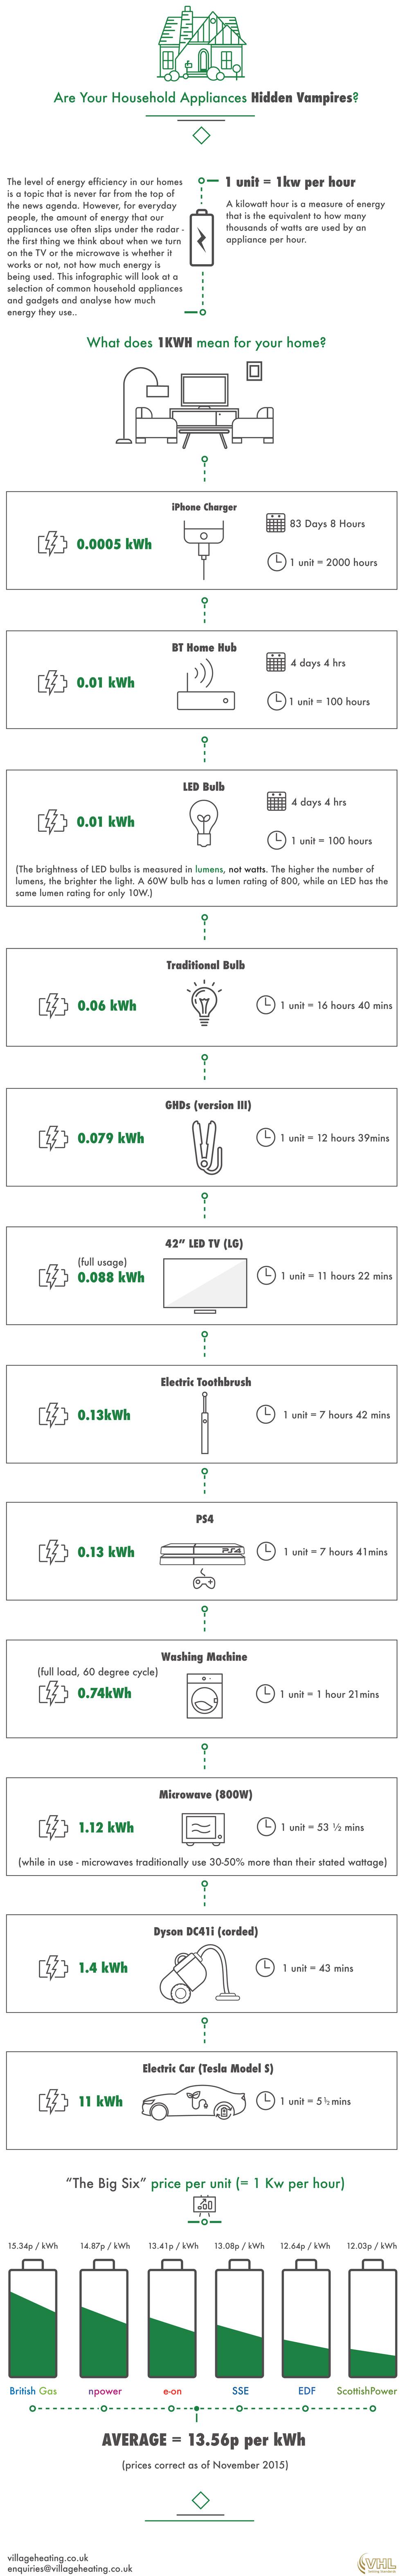 Infographic for household energy vampires